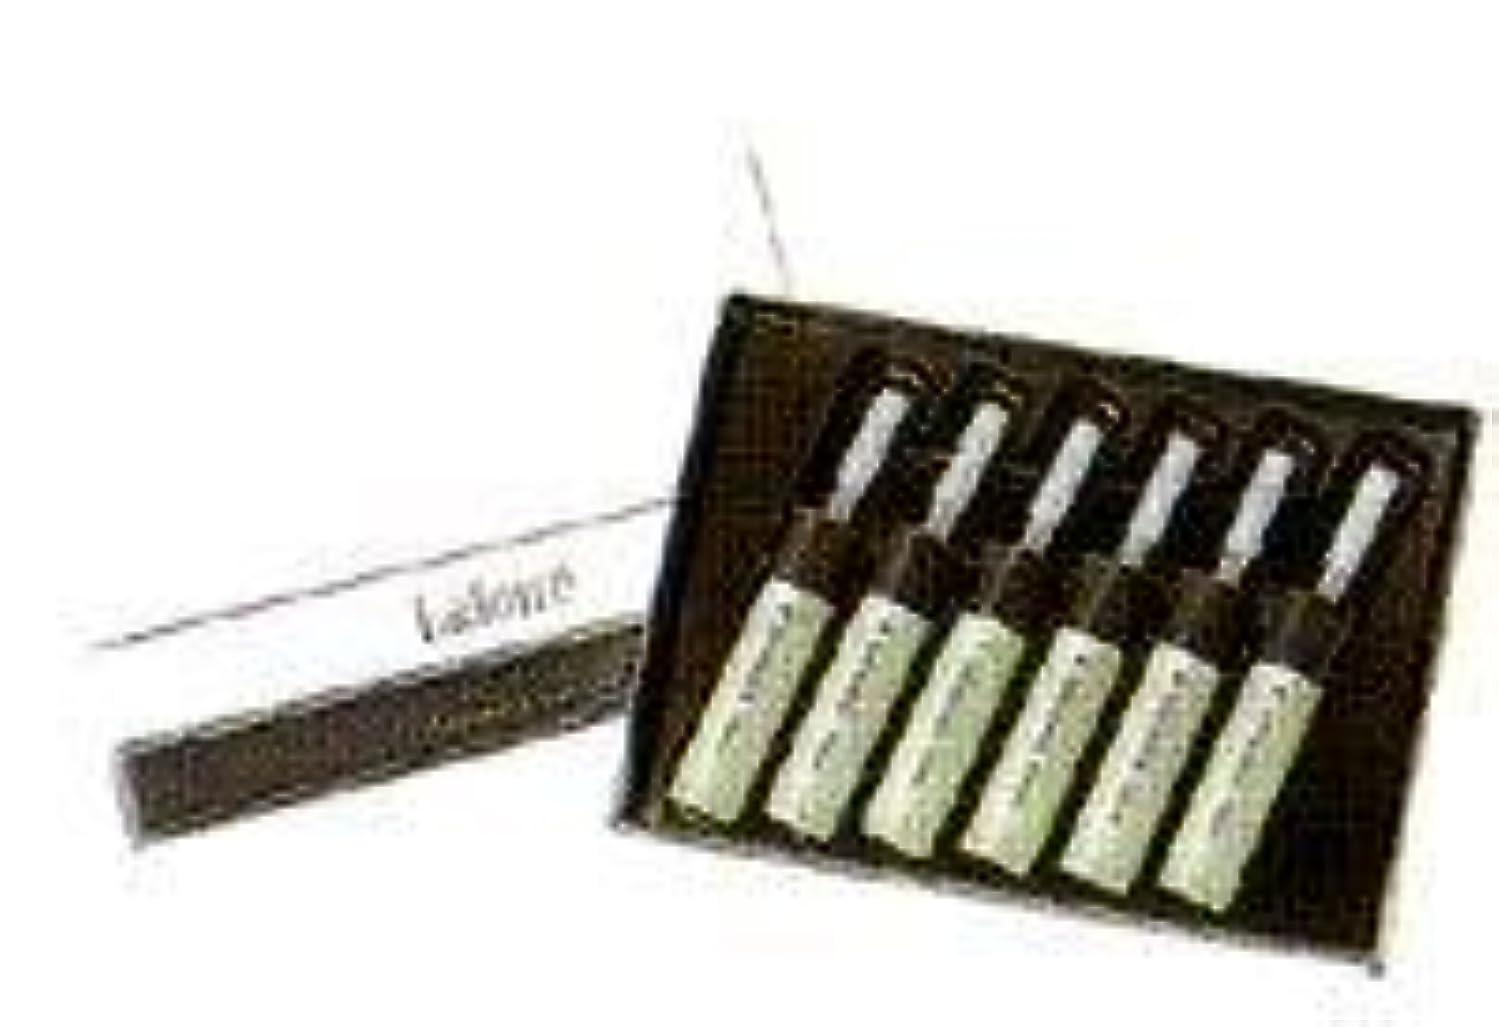 抑圧きつく不透明なラフォーレ パーベデュー アルパインエッセンス(医薬部外品・ニキビ、敏感肌用美容液)